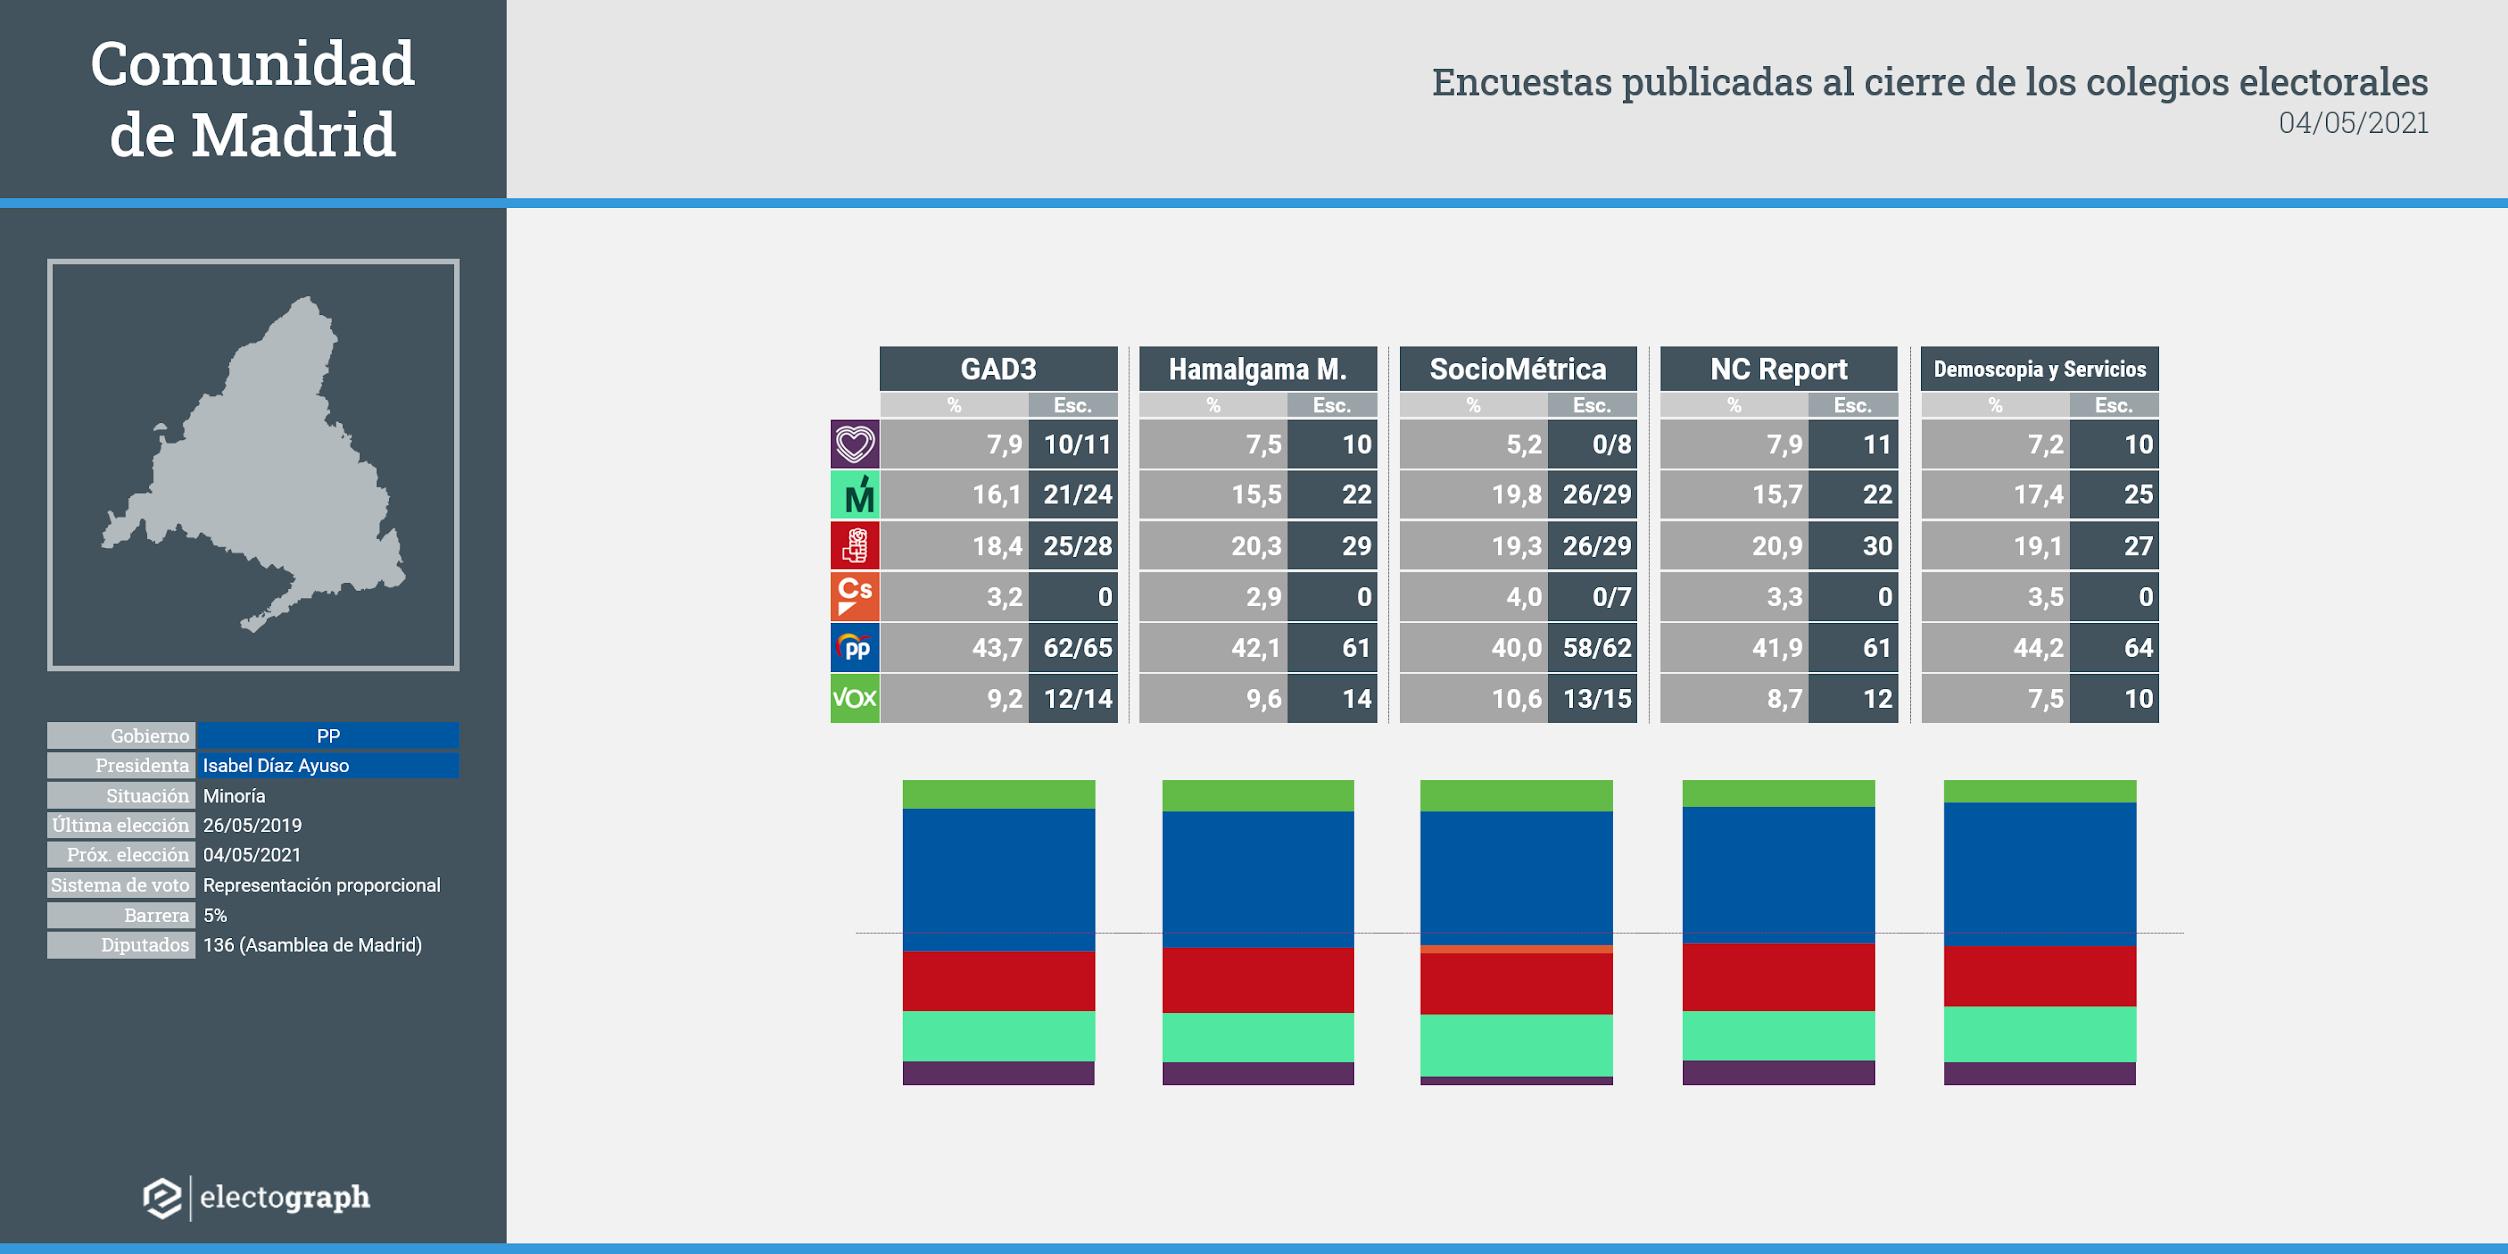 Encuestas para elecciones autonómicas en la Comunidad de Madrid publicadas al cierre de los colegios electorales, 4 de mayo de 2021